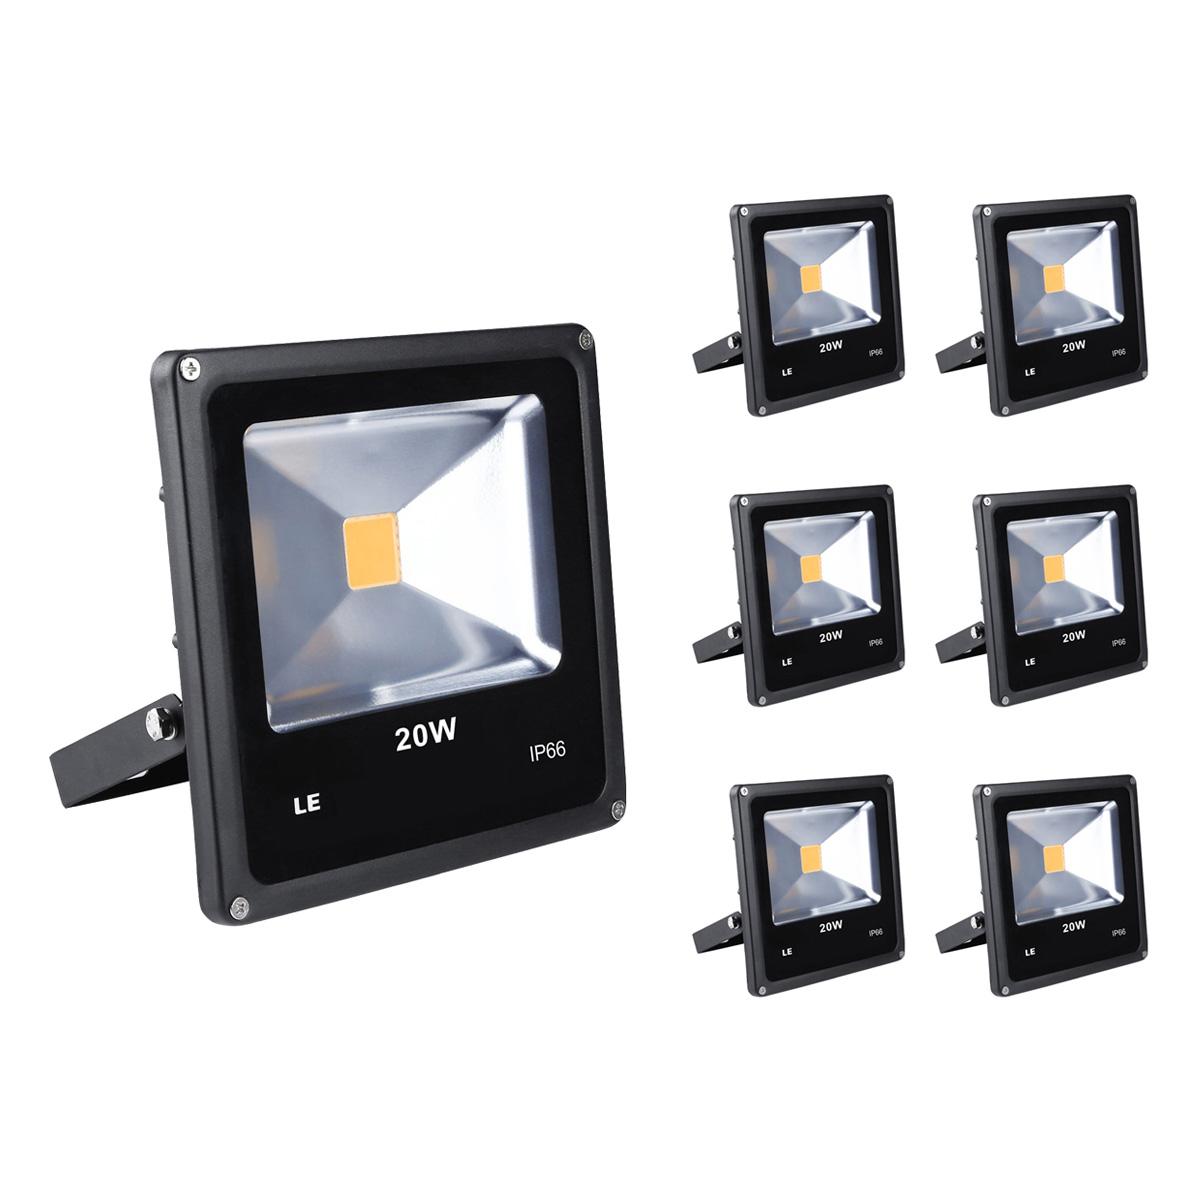 [Bündel] LED Fluter 20W, 1300lm Strahelr, IP66 Wasserdicht LED Flutlicht, ersetzt 200W Halogenlampe, Warmweiß, 6er Set